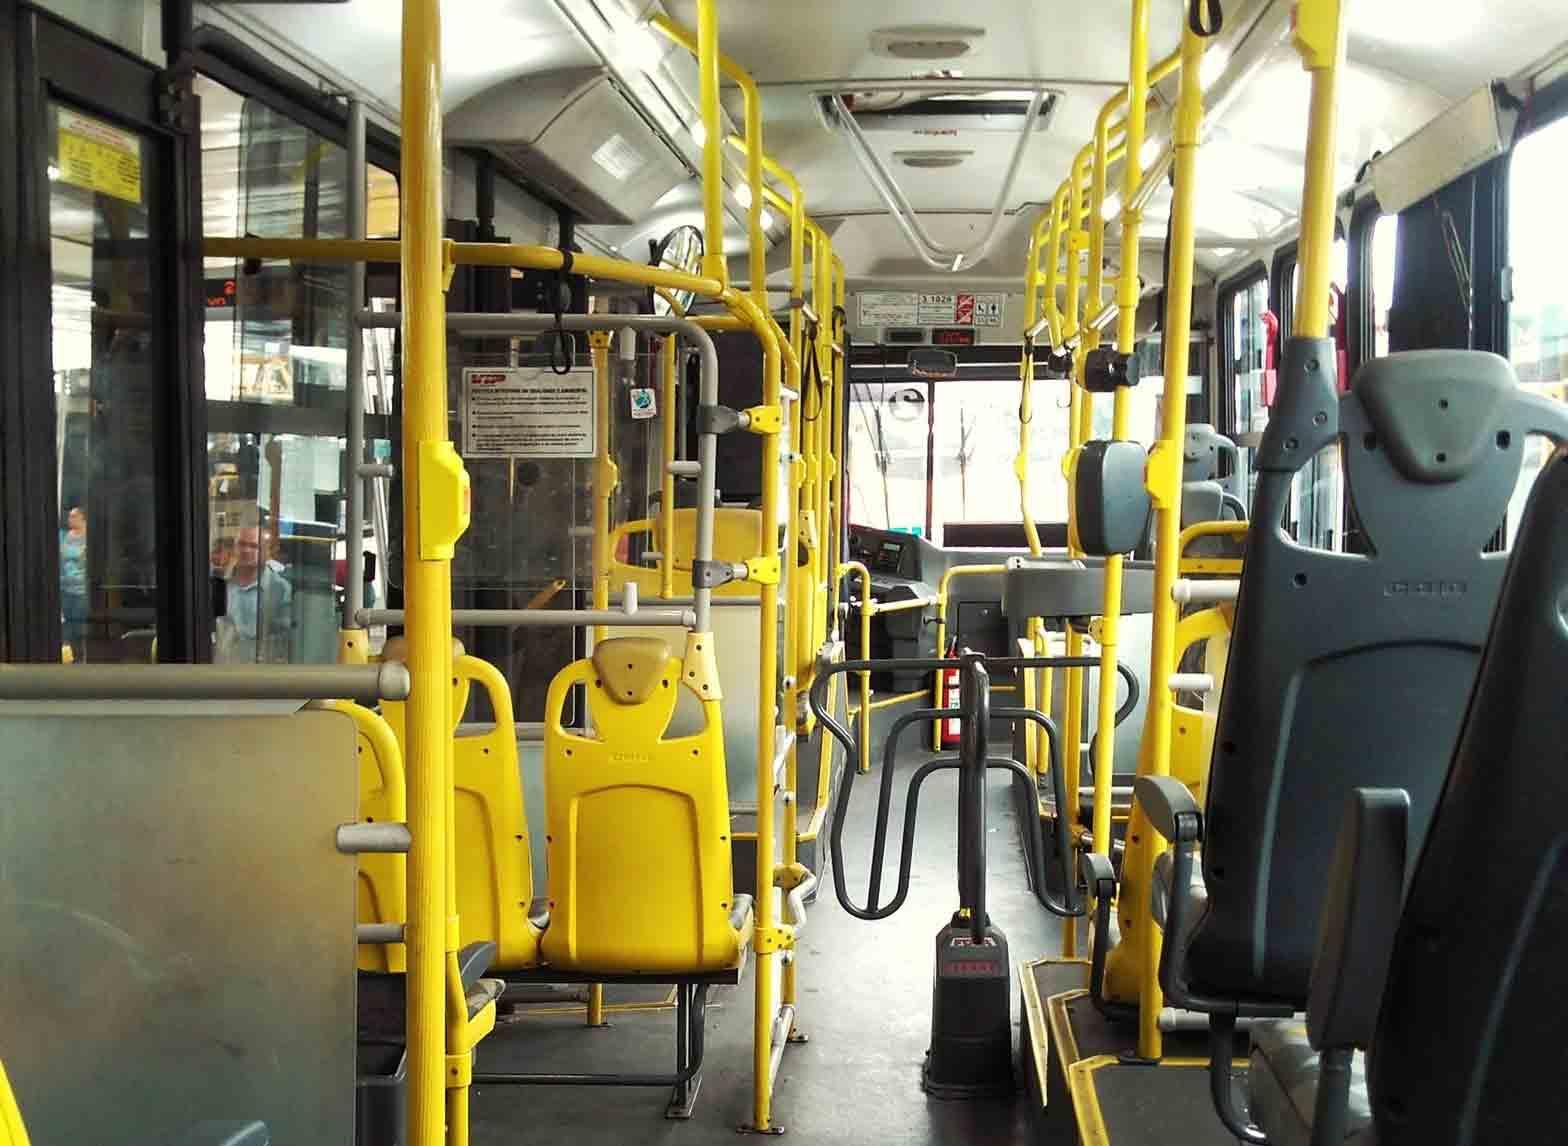 Greve de ônibus nesta quinta-feira (25) em São Bernardo do Campo. Foto: Pexel